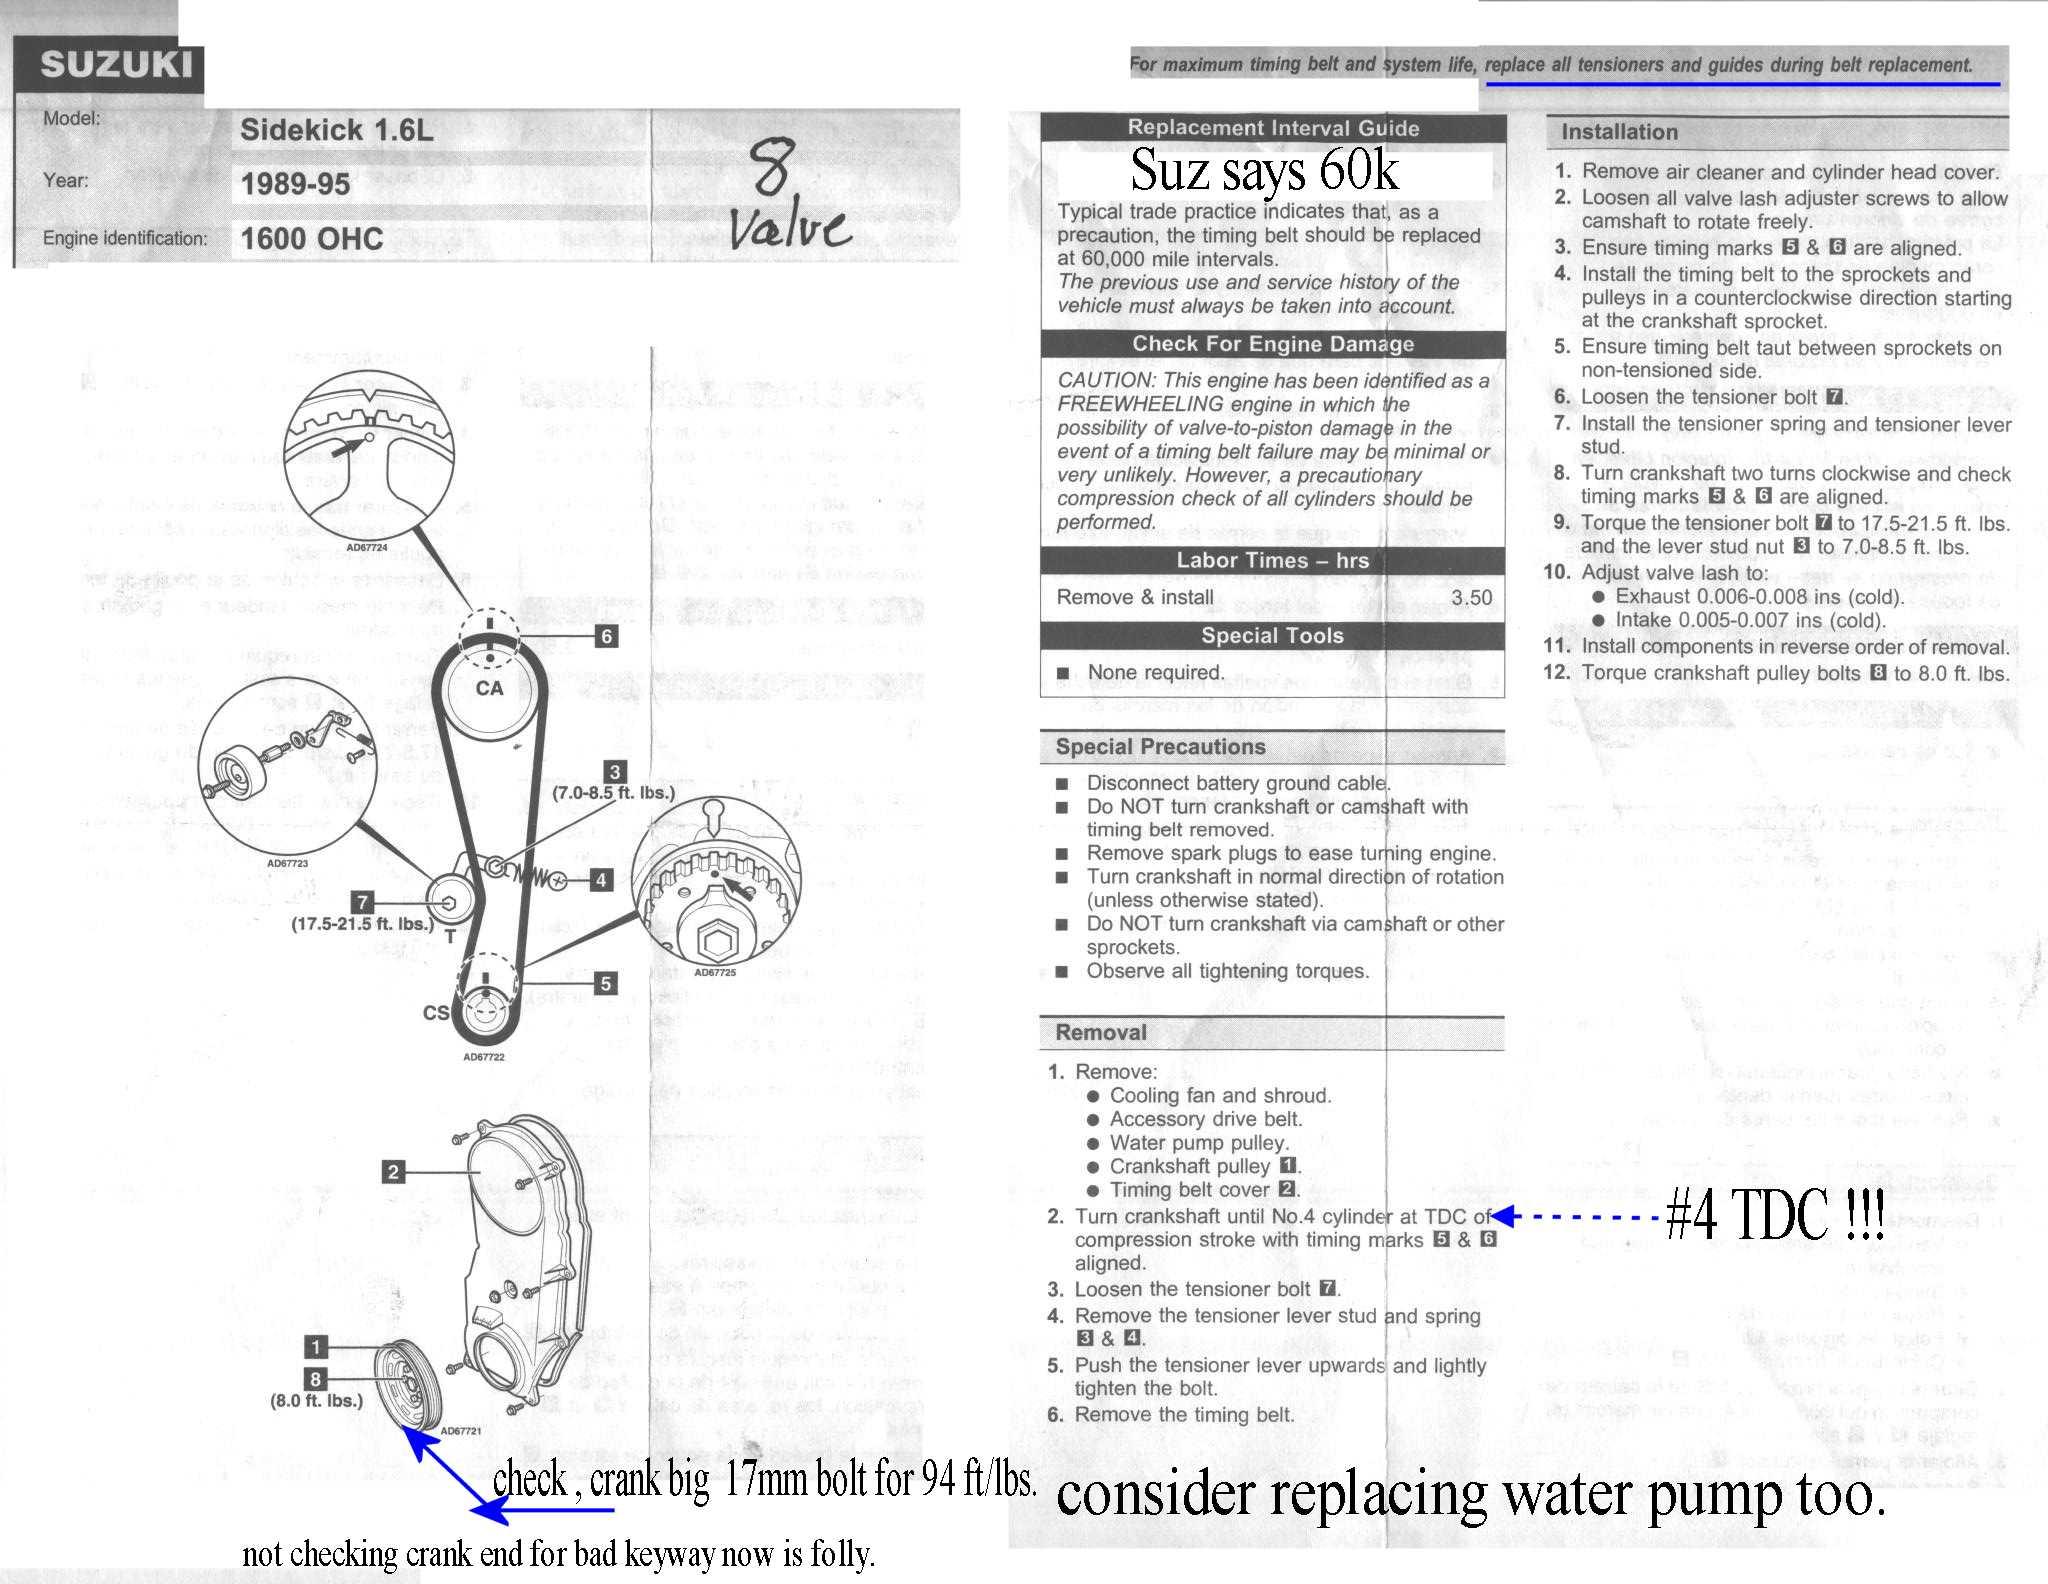 wiring diagram suzuki vitara g16a